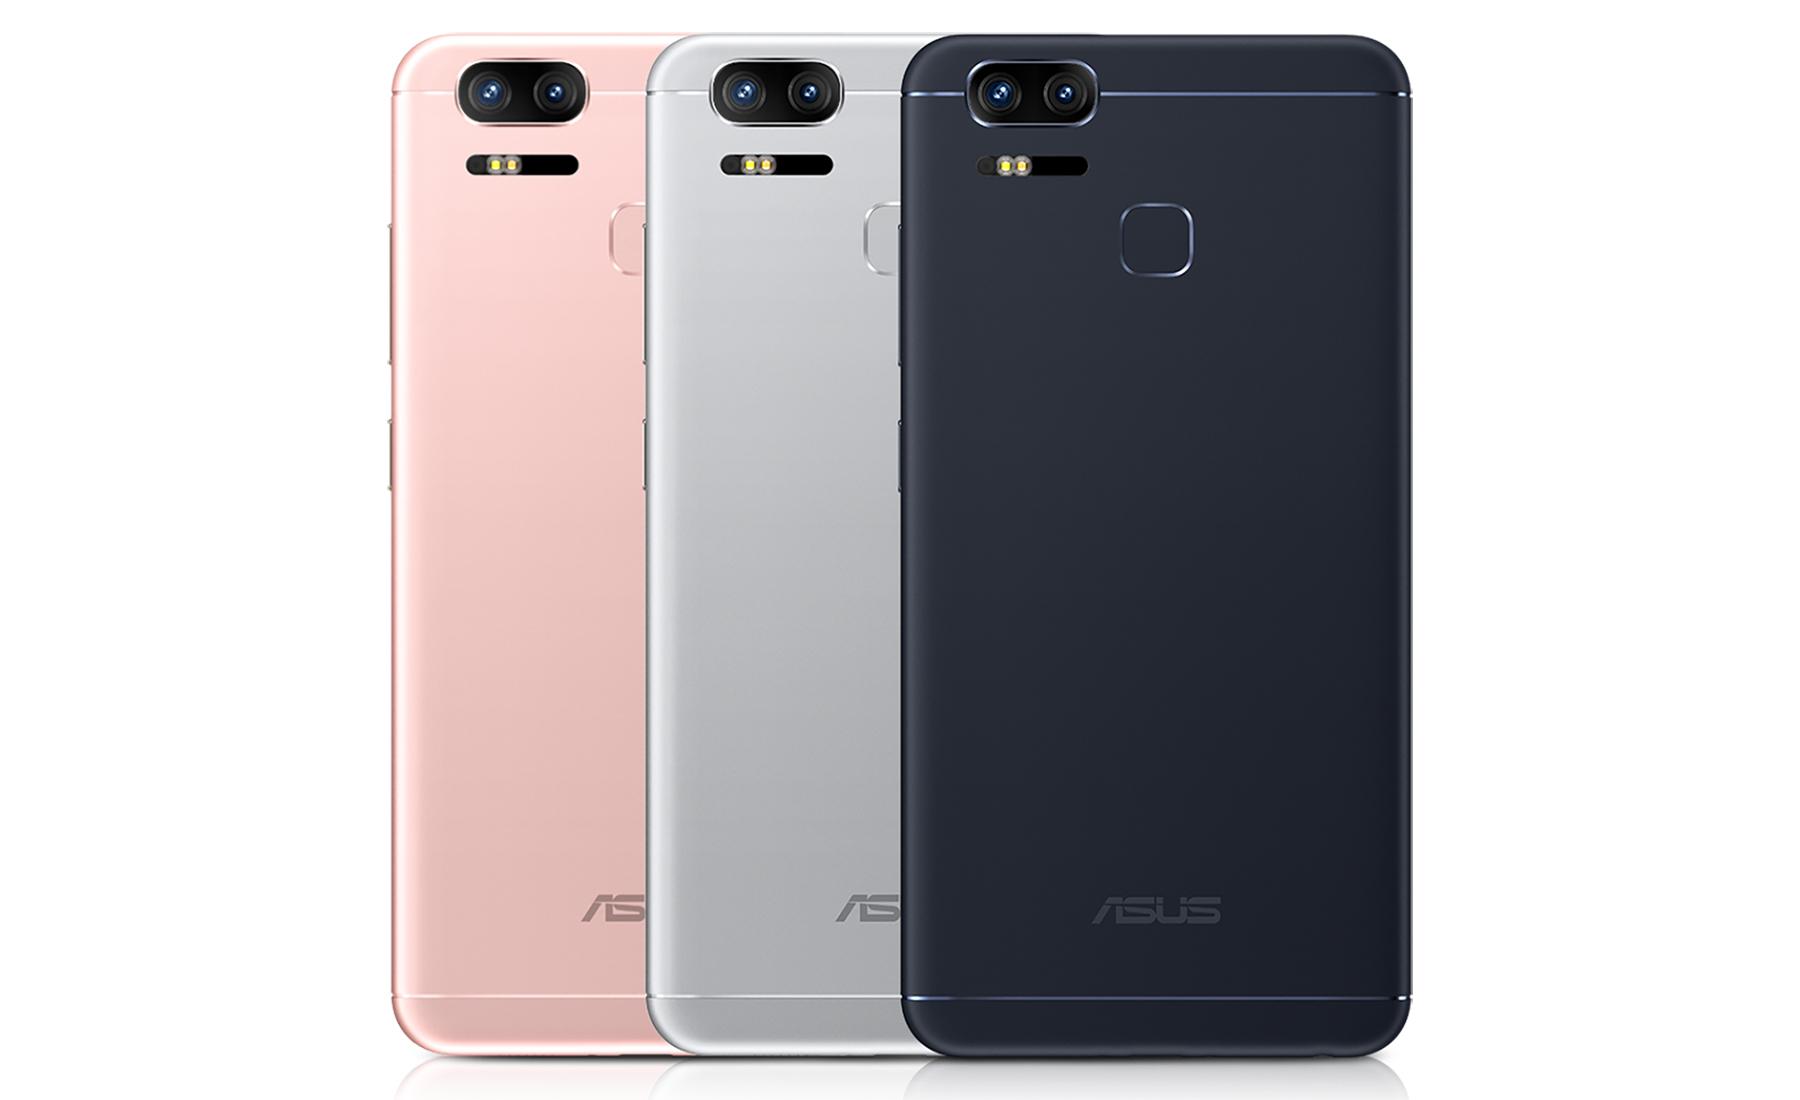 El ASUS ZenFone 3 Zoom tiene dos cámaras como las del iPhone 7 Plus